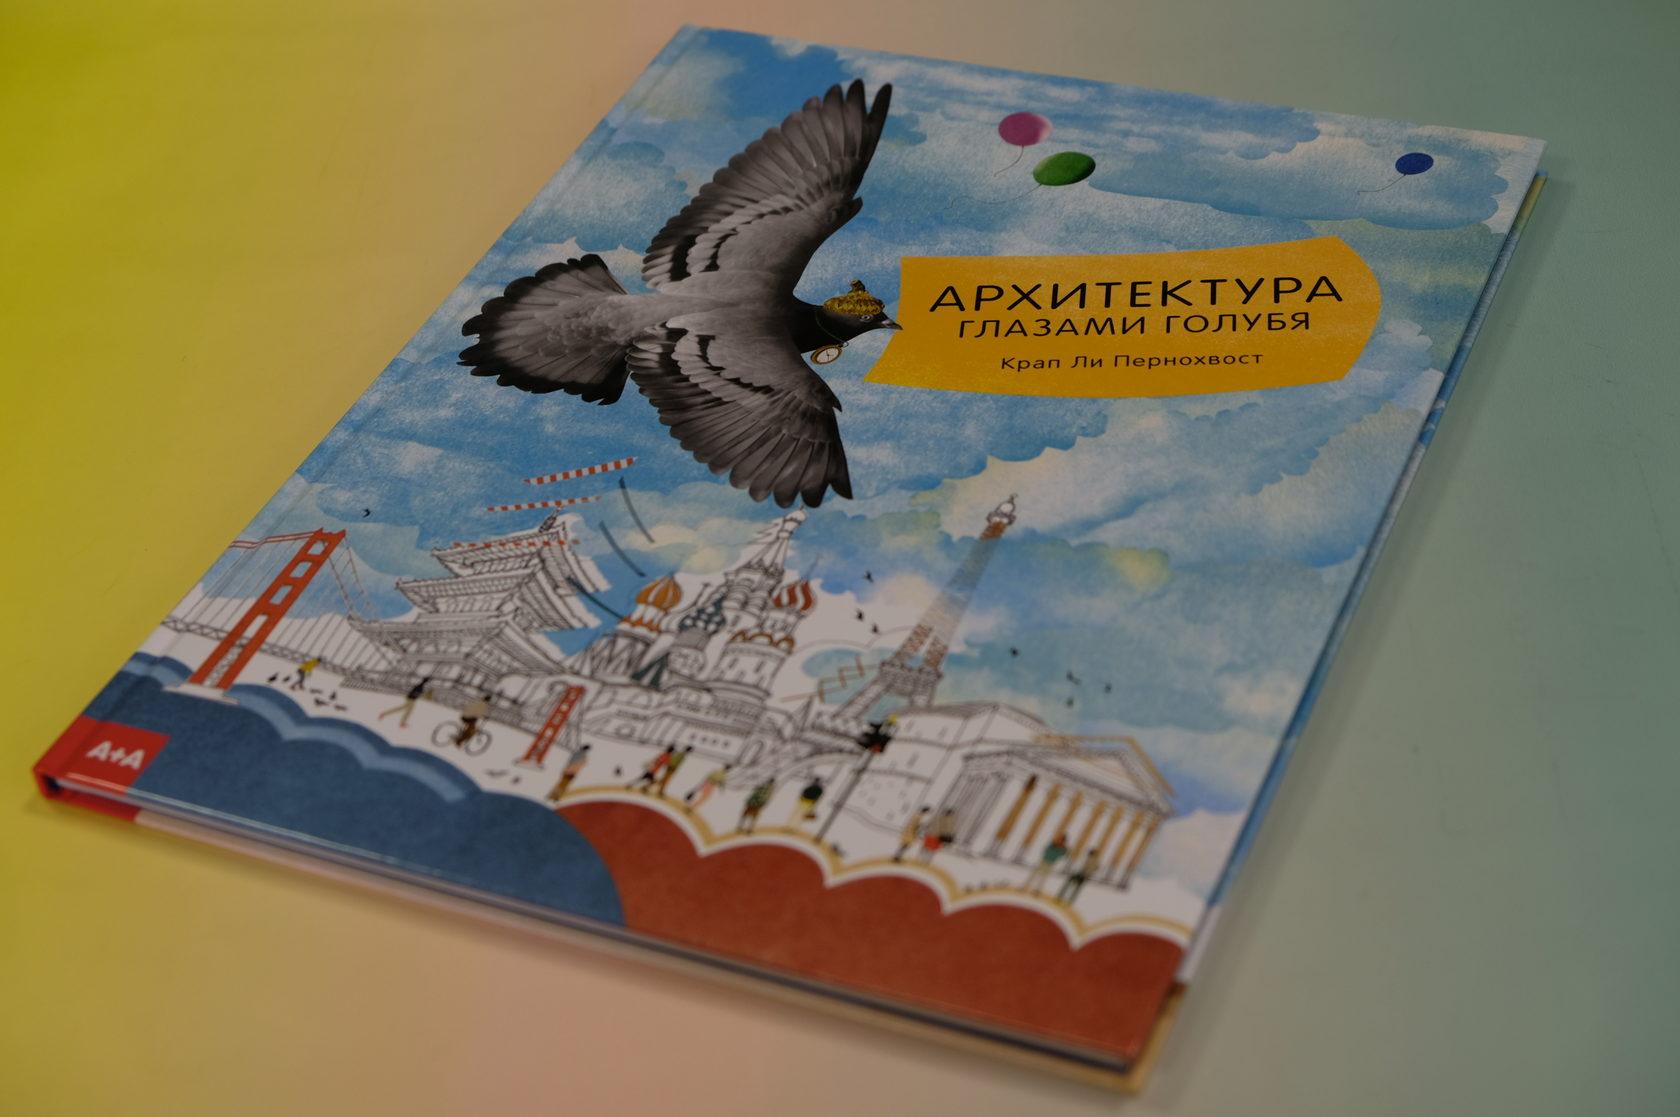 Купить книгу Крап Ли Пернохвост «Архитектура глазами голубя» 978-5-91103-487-0